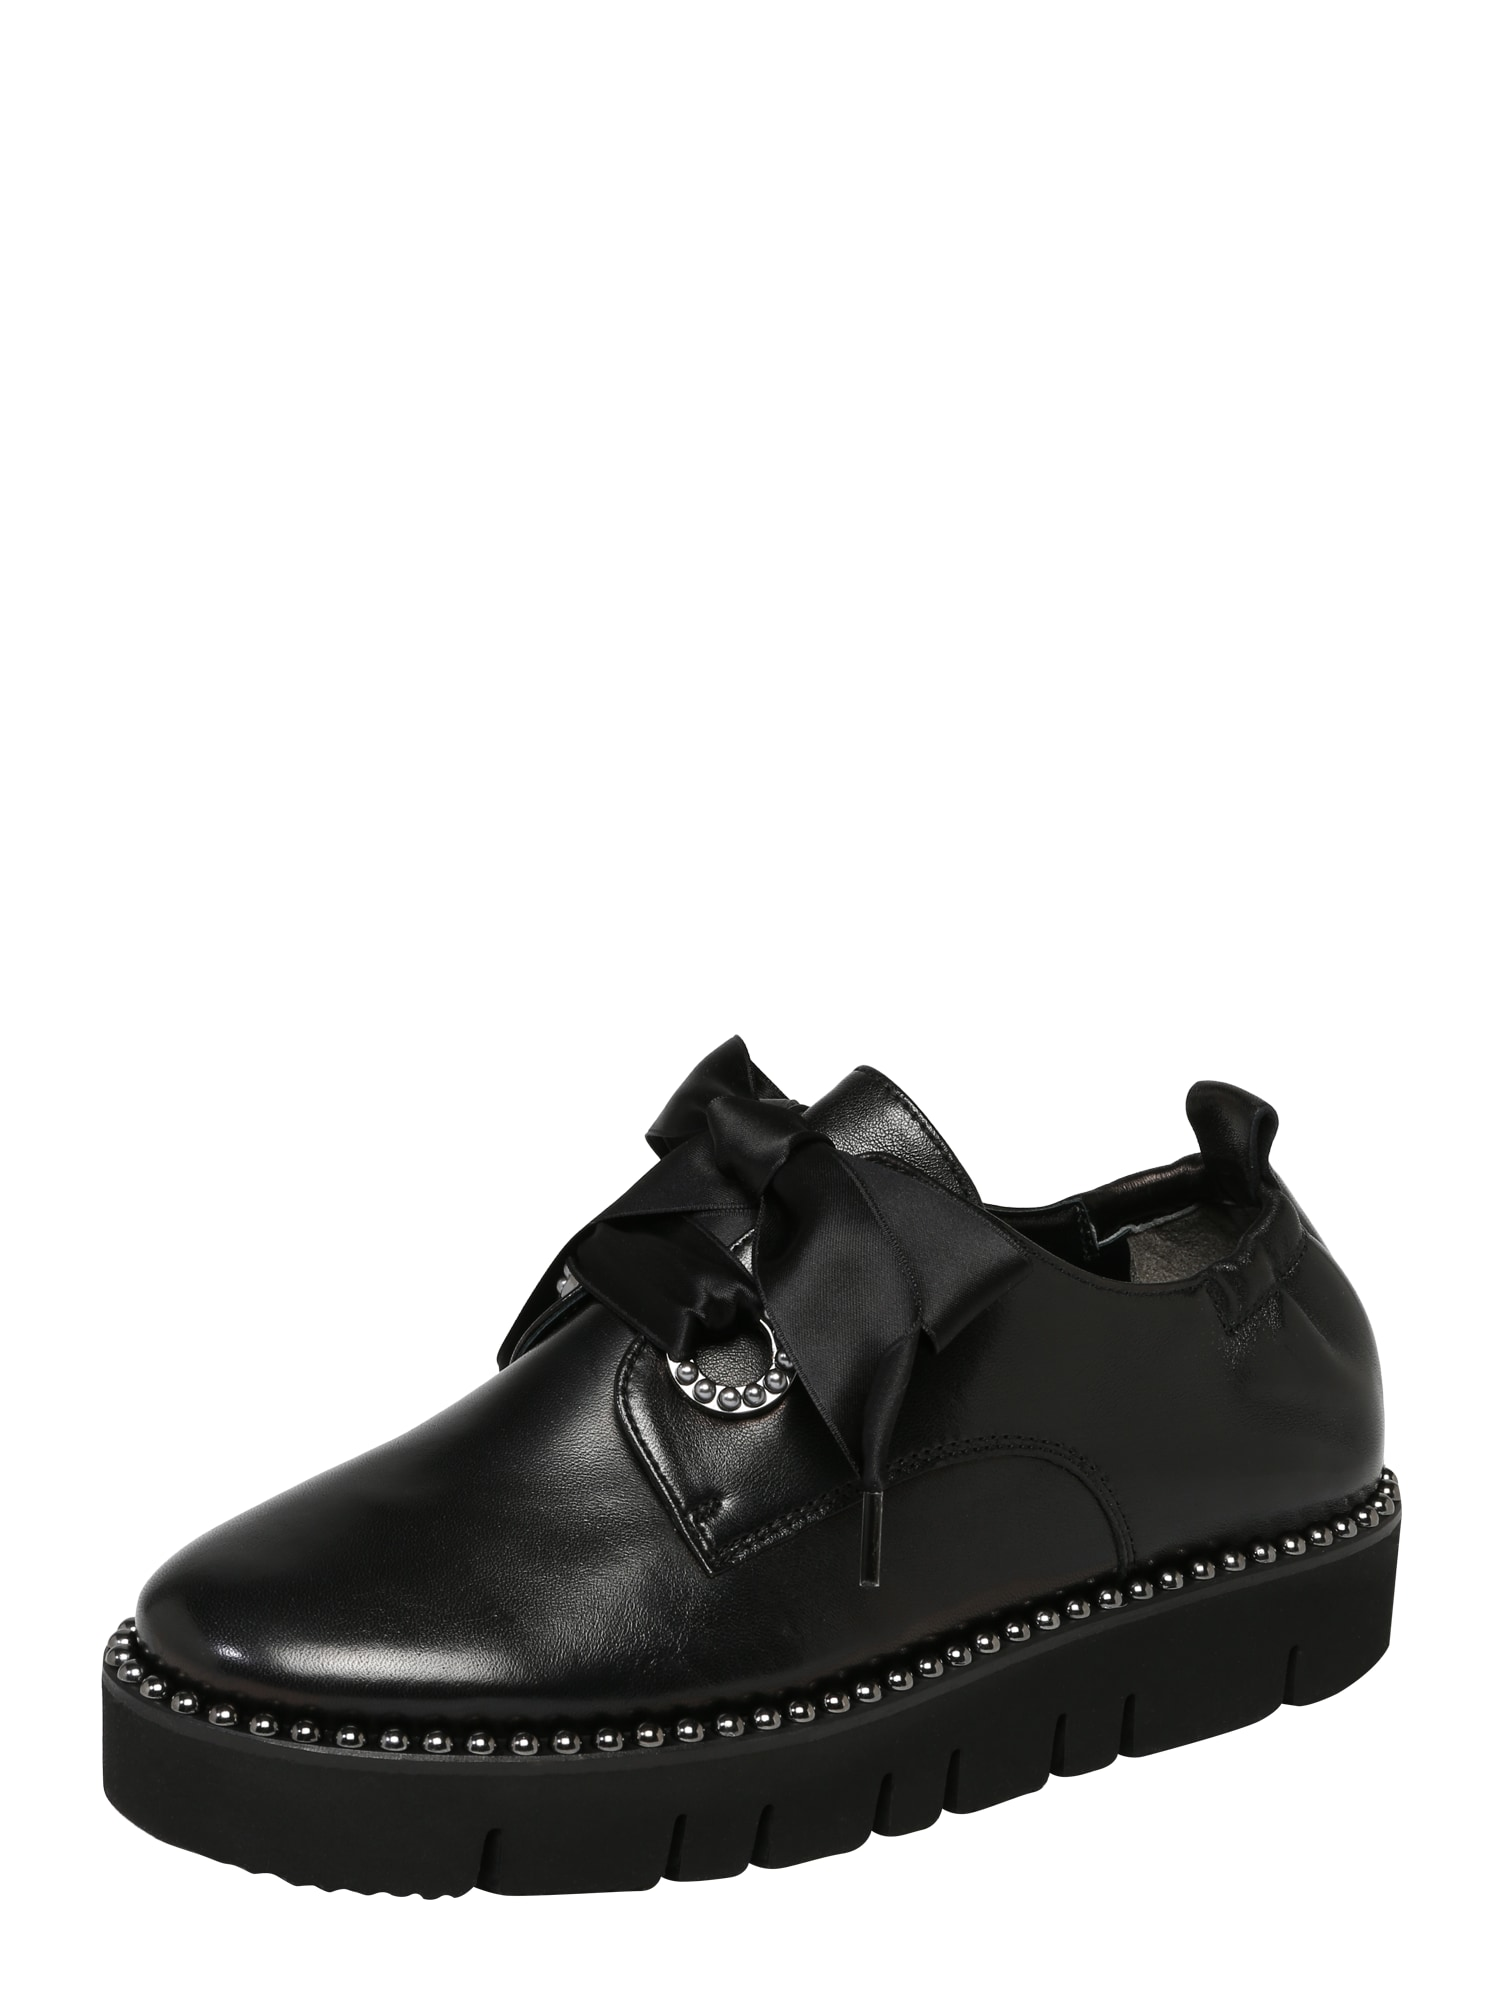 Šněrovací boty Malu XXL černá Kennel & Schmenger